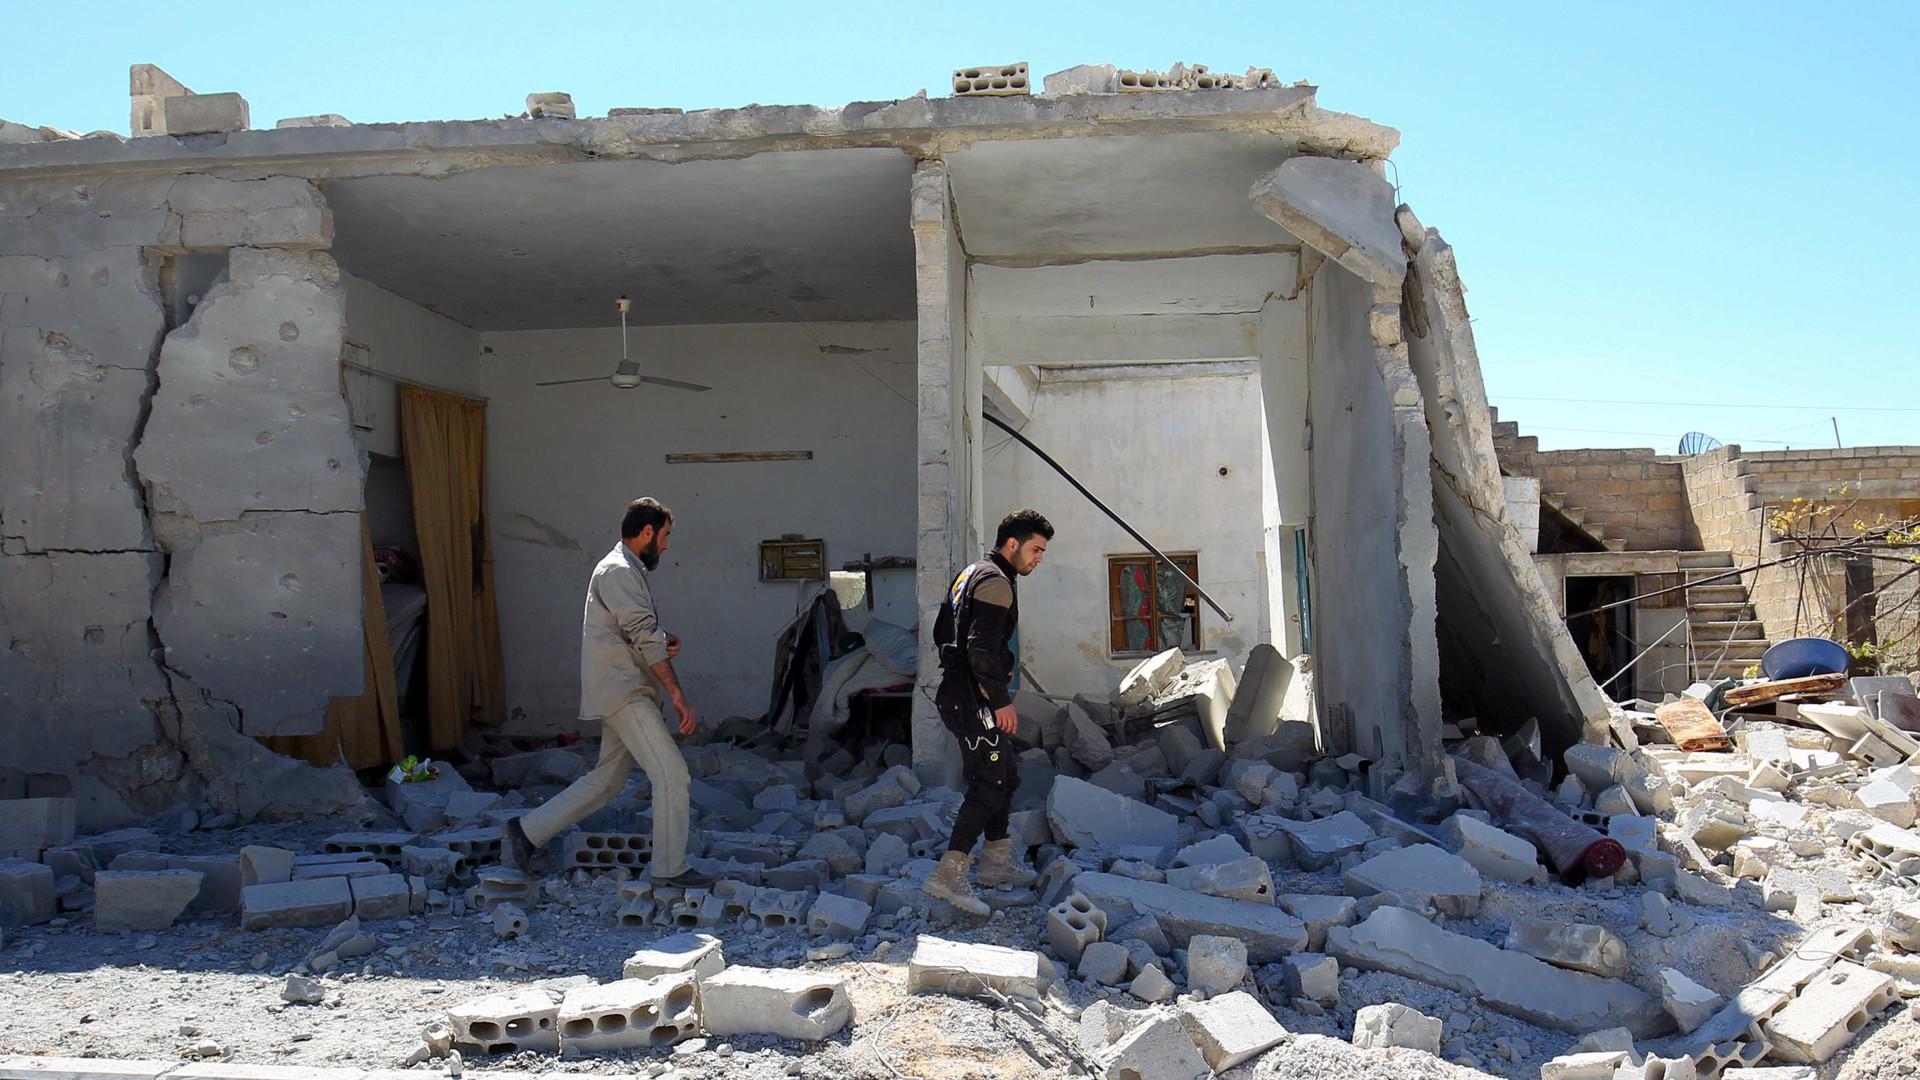 Atentado no nordeste da Síria fez pelo menos 50 mortos